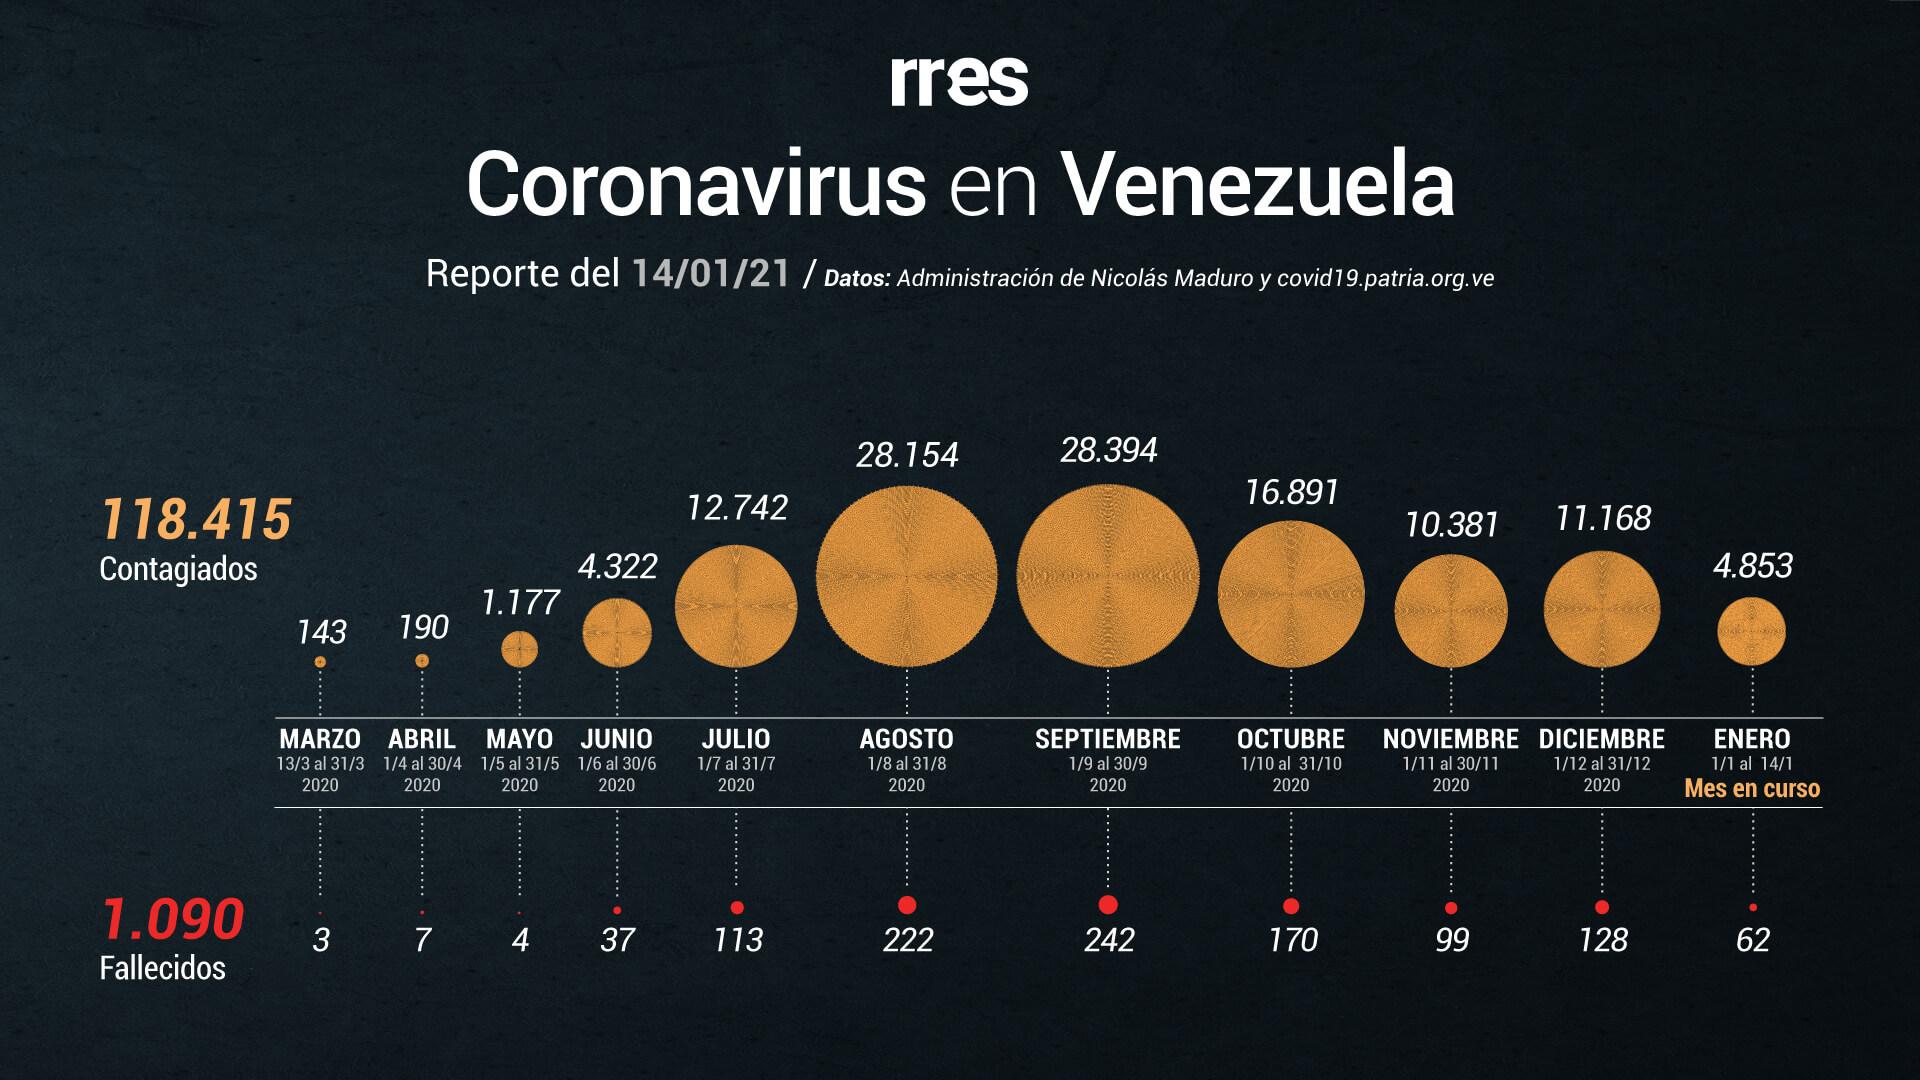 Venezuela supera los 600 casos de COVID-19 este #14Ene